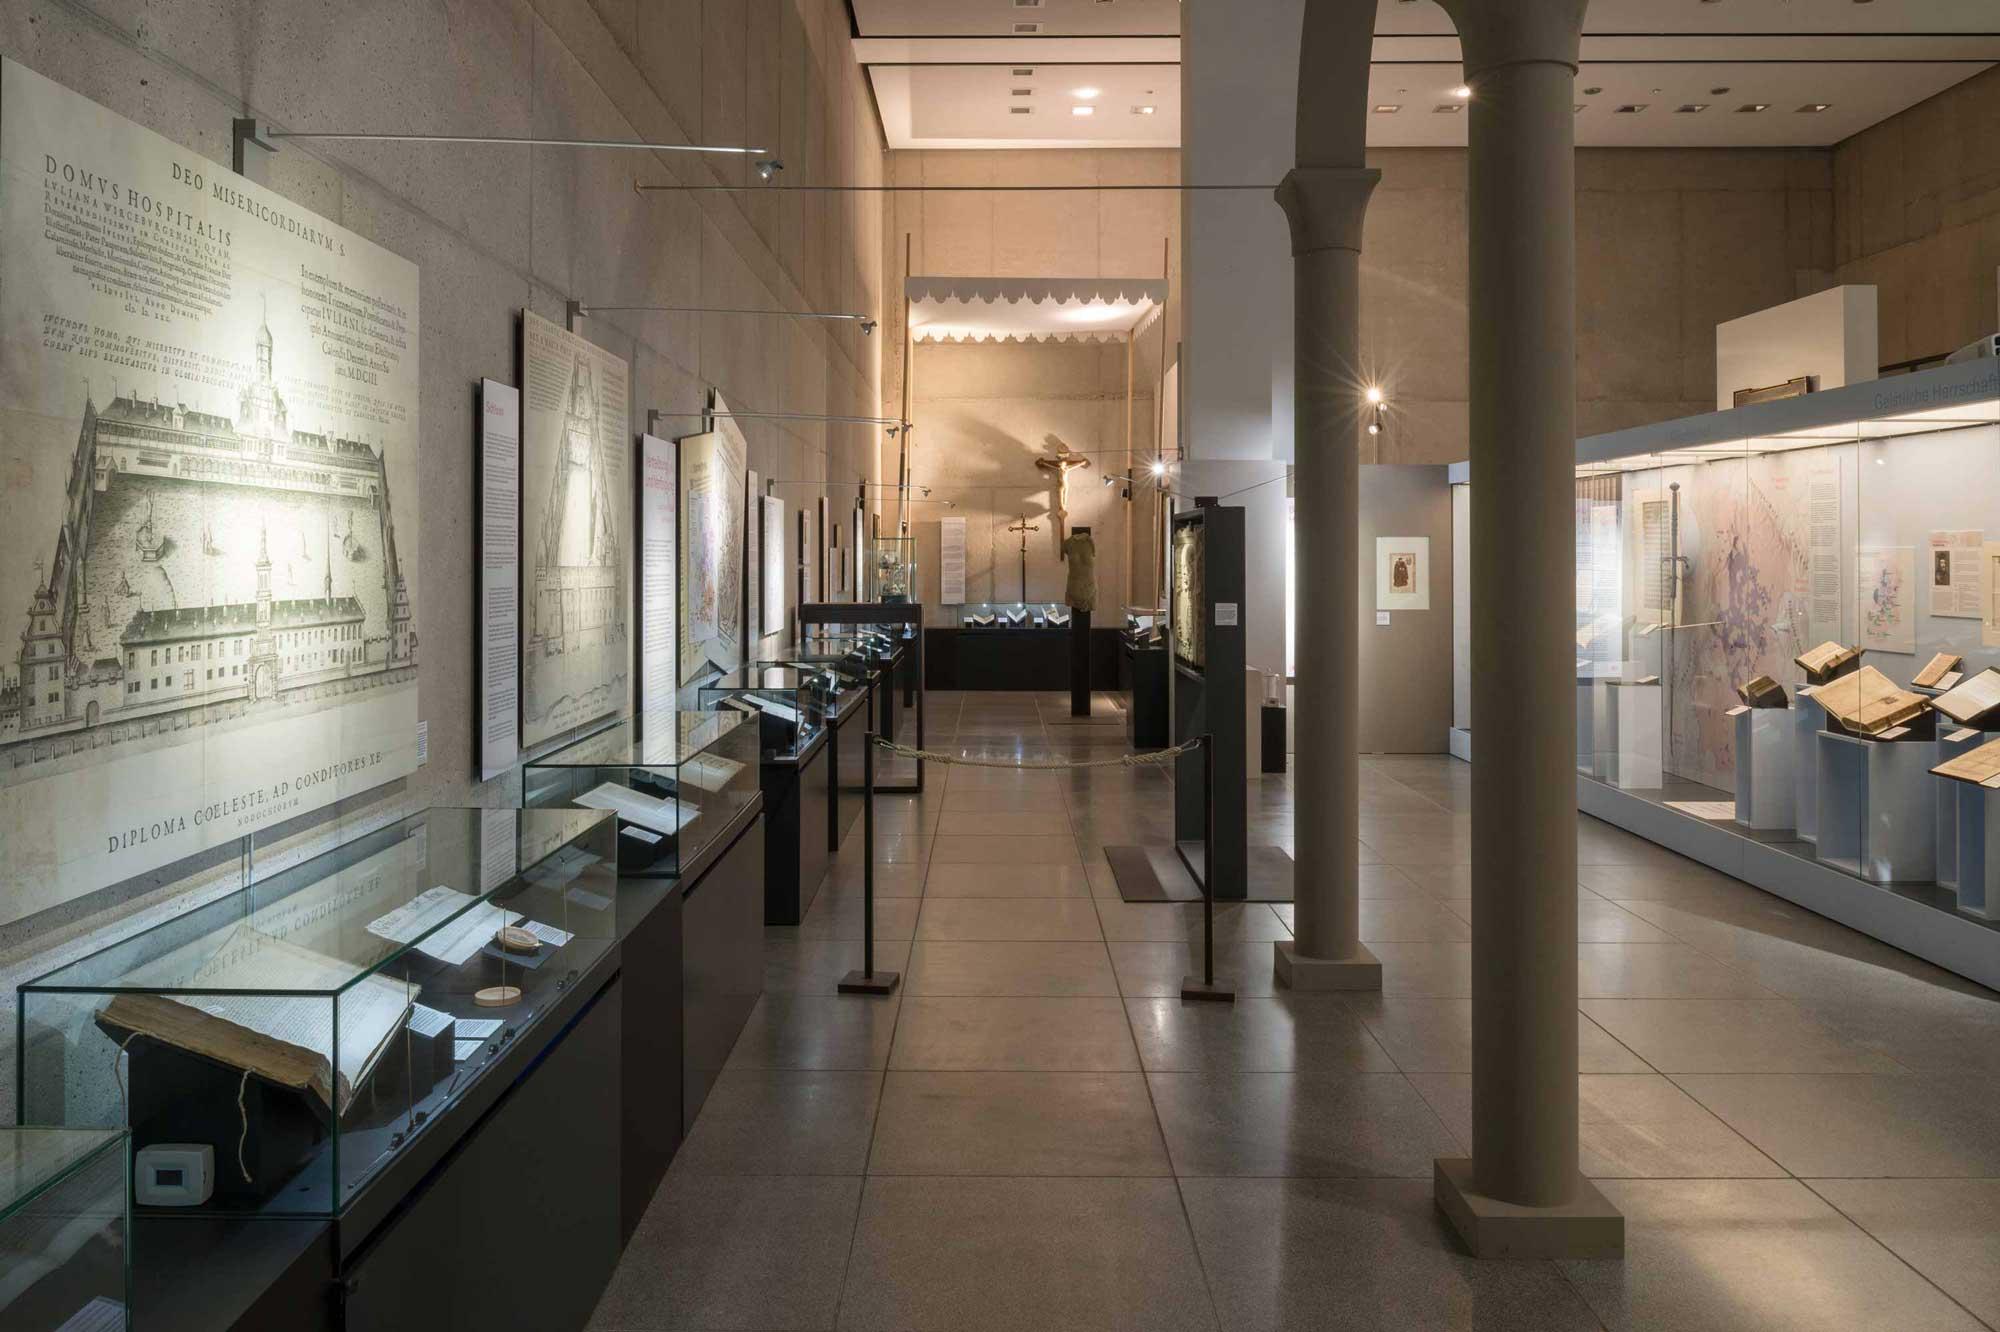 Ausstellungsgestaltung Julius Echter Blick entlang Vitrinen